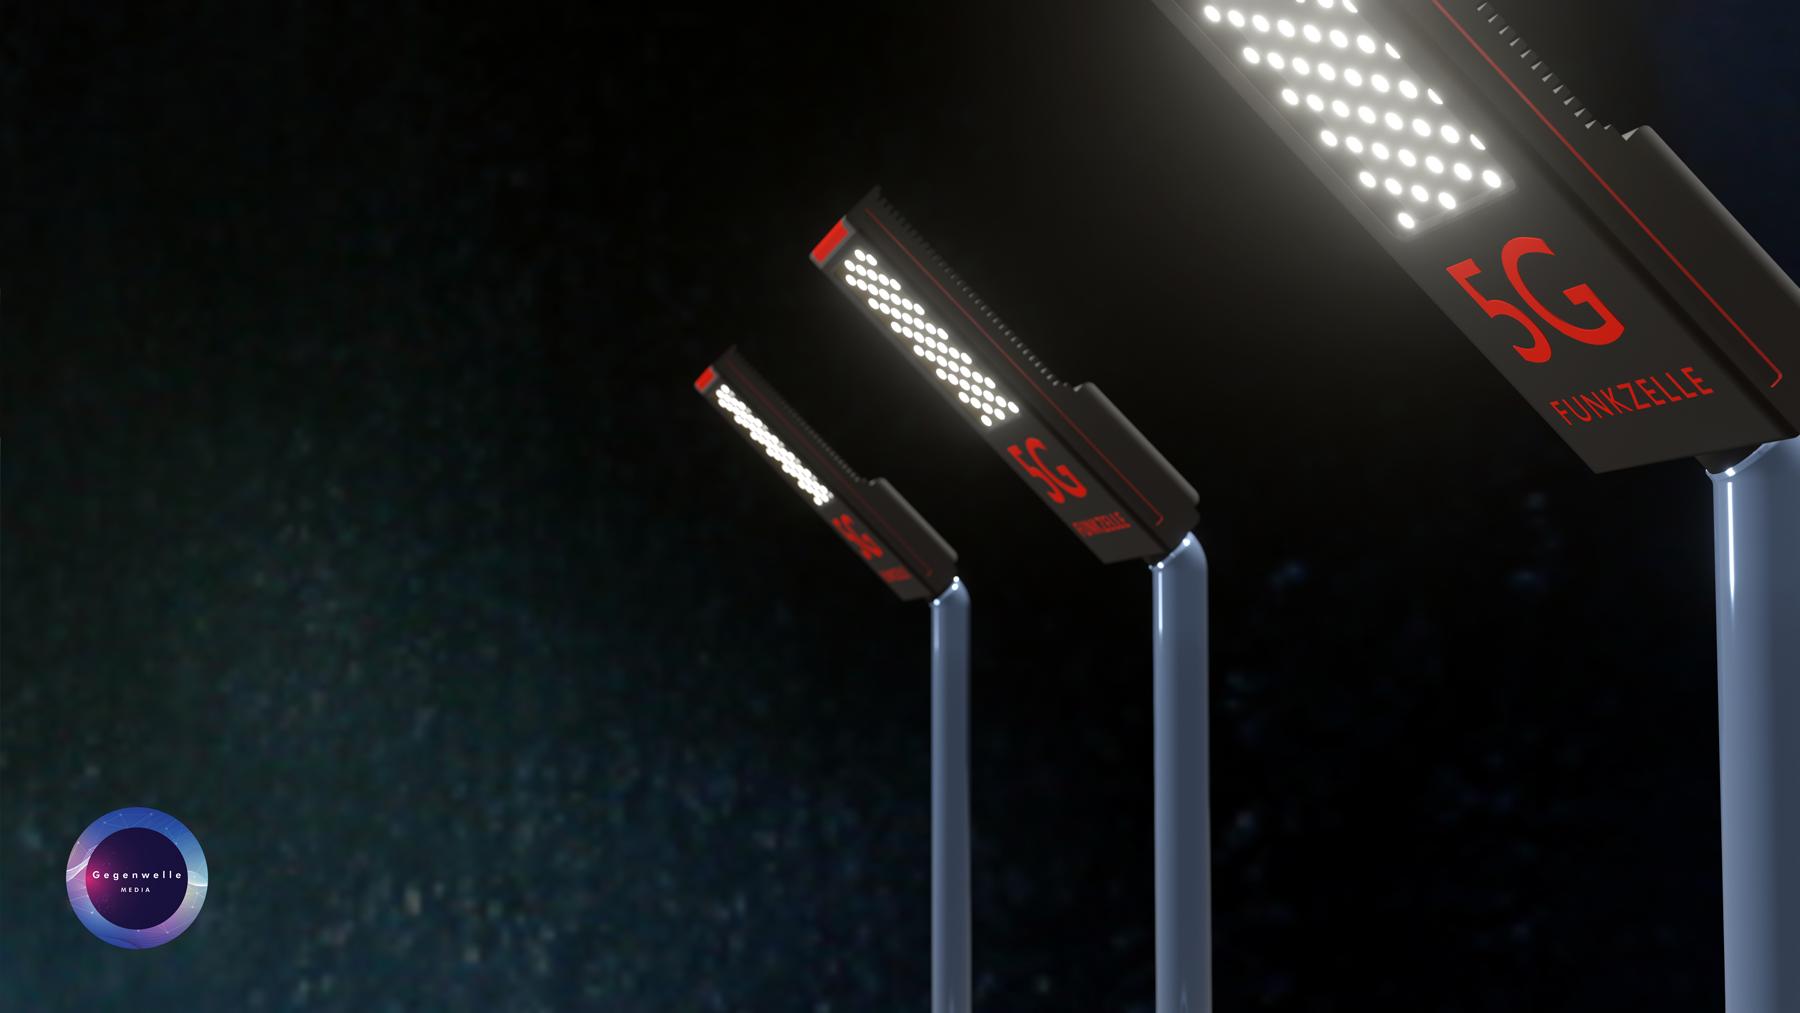 5G Mobilfunkzellen in Strassenlampen